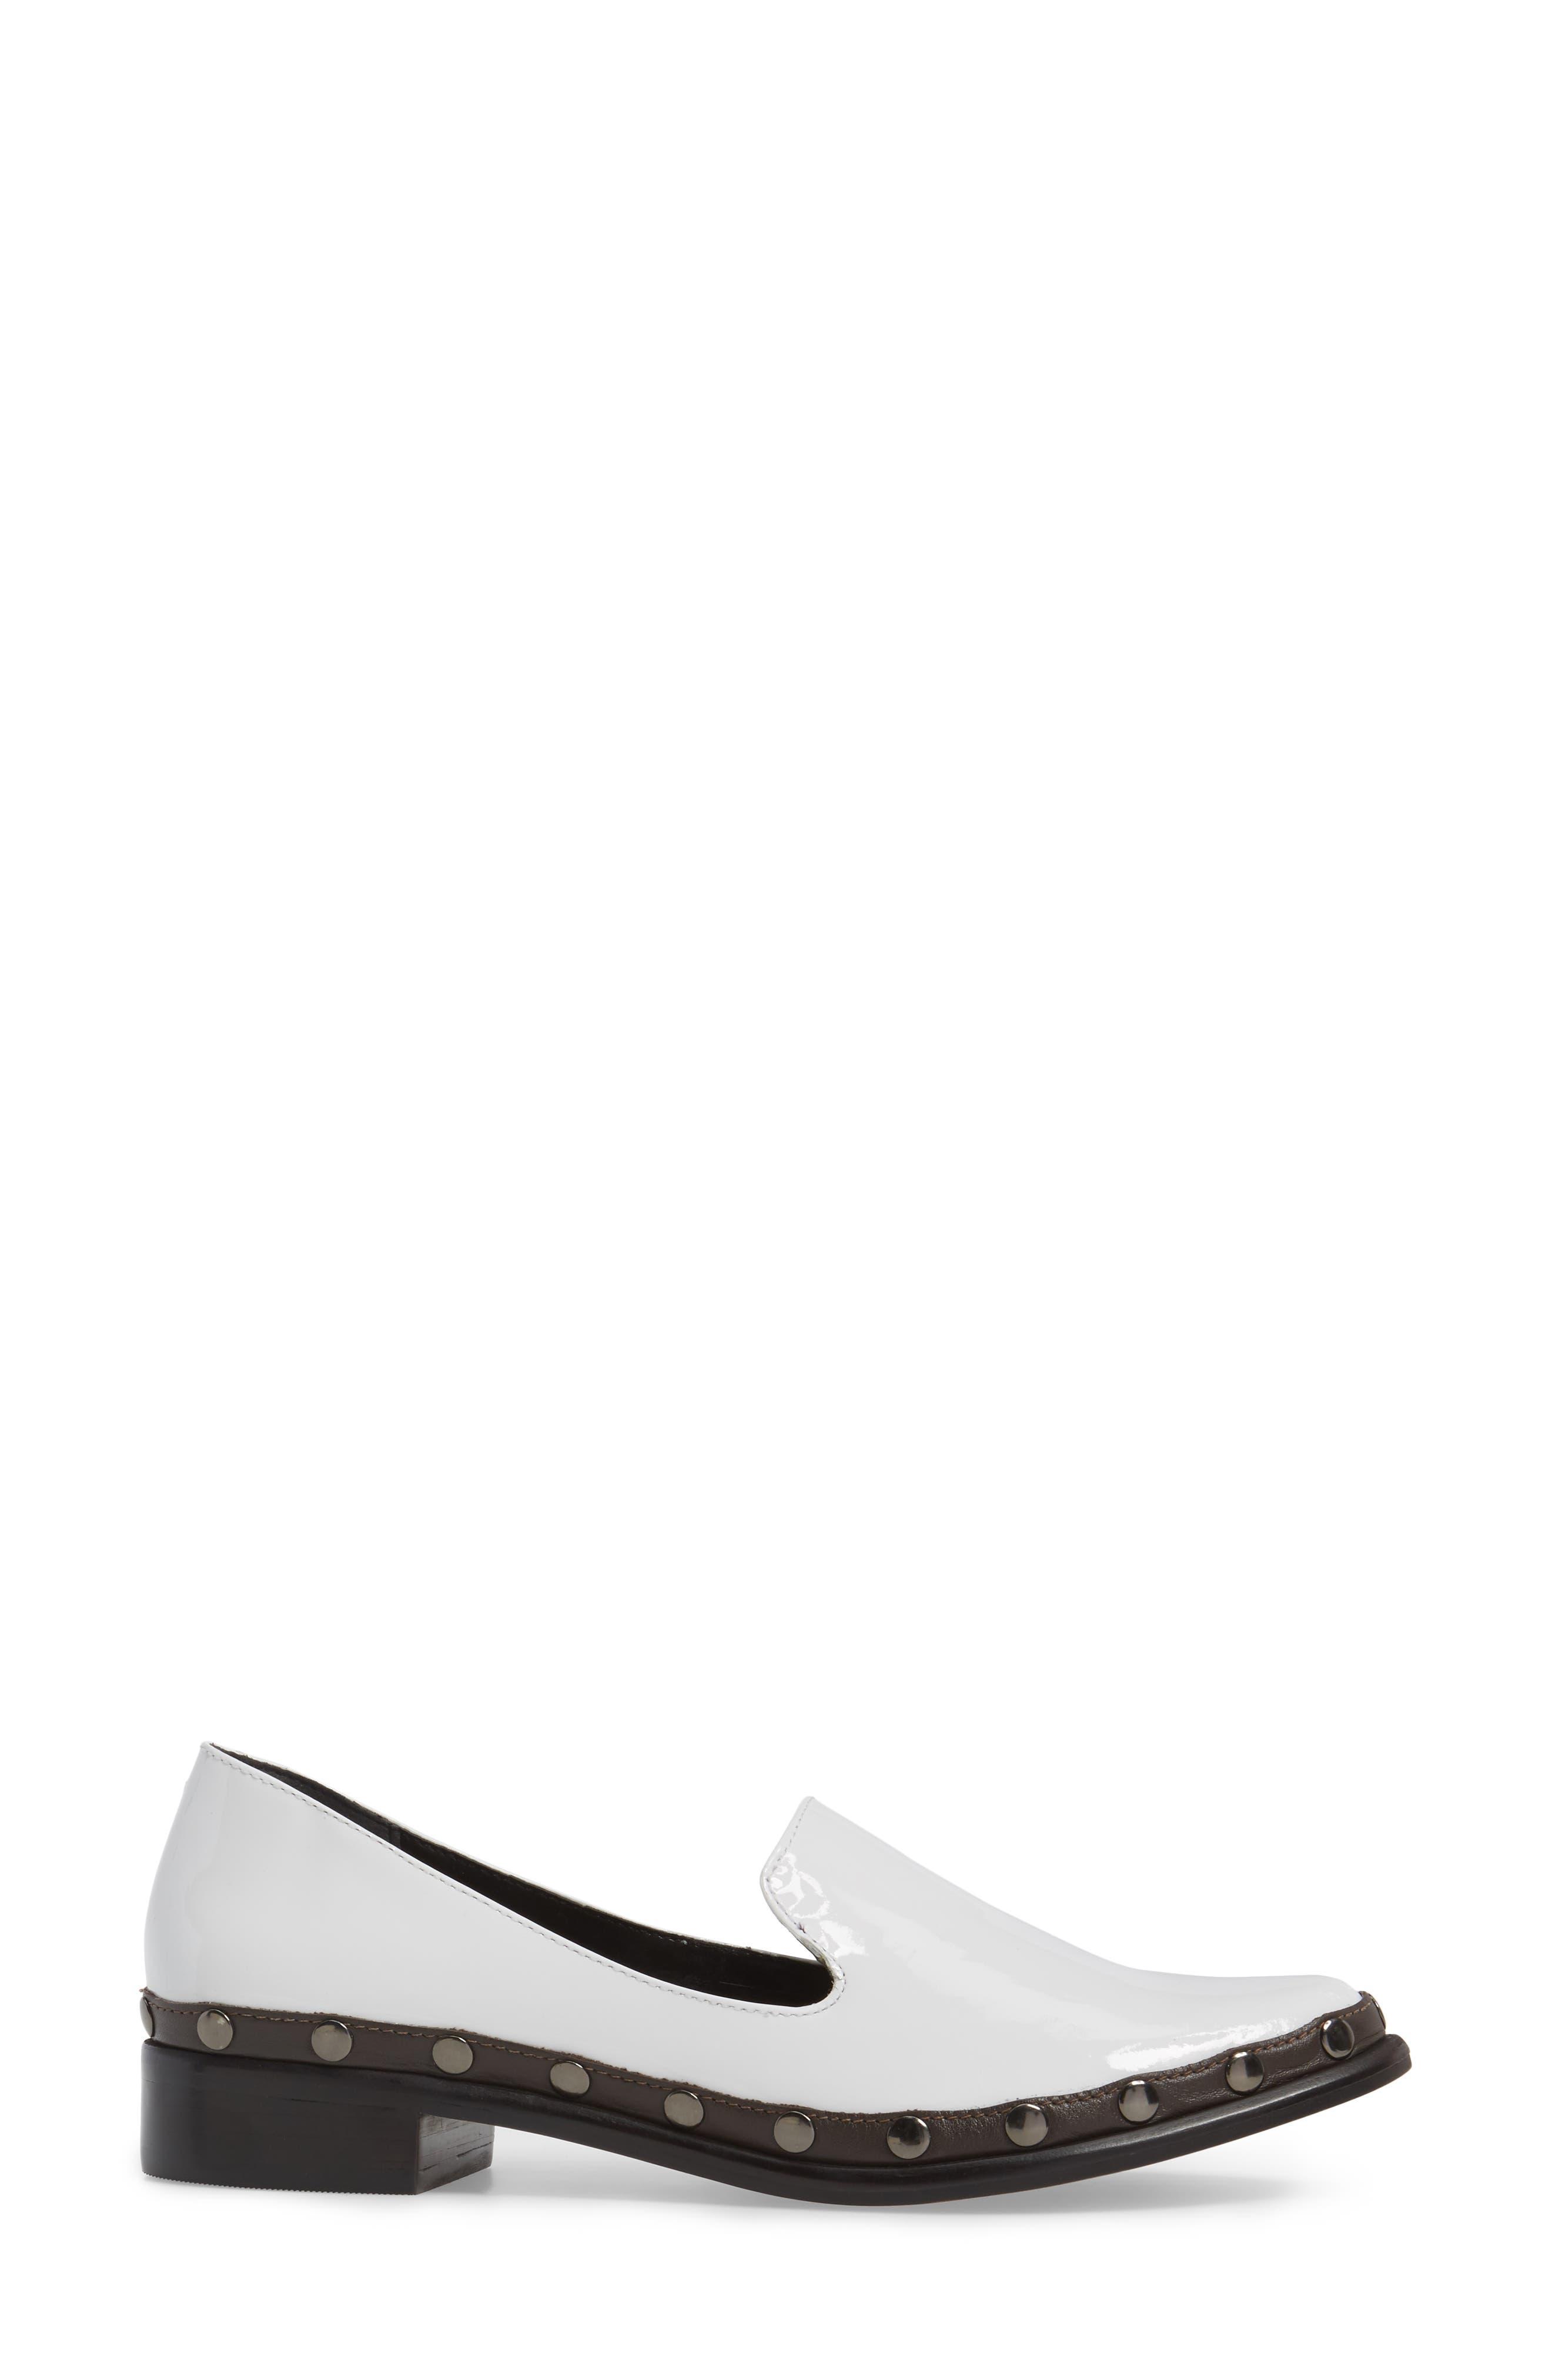 M4D3 Oceania Loafer,                             Alternate thumbnail 8, color,